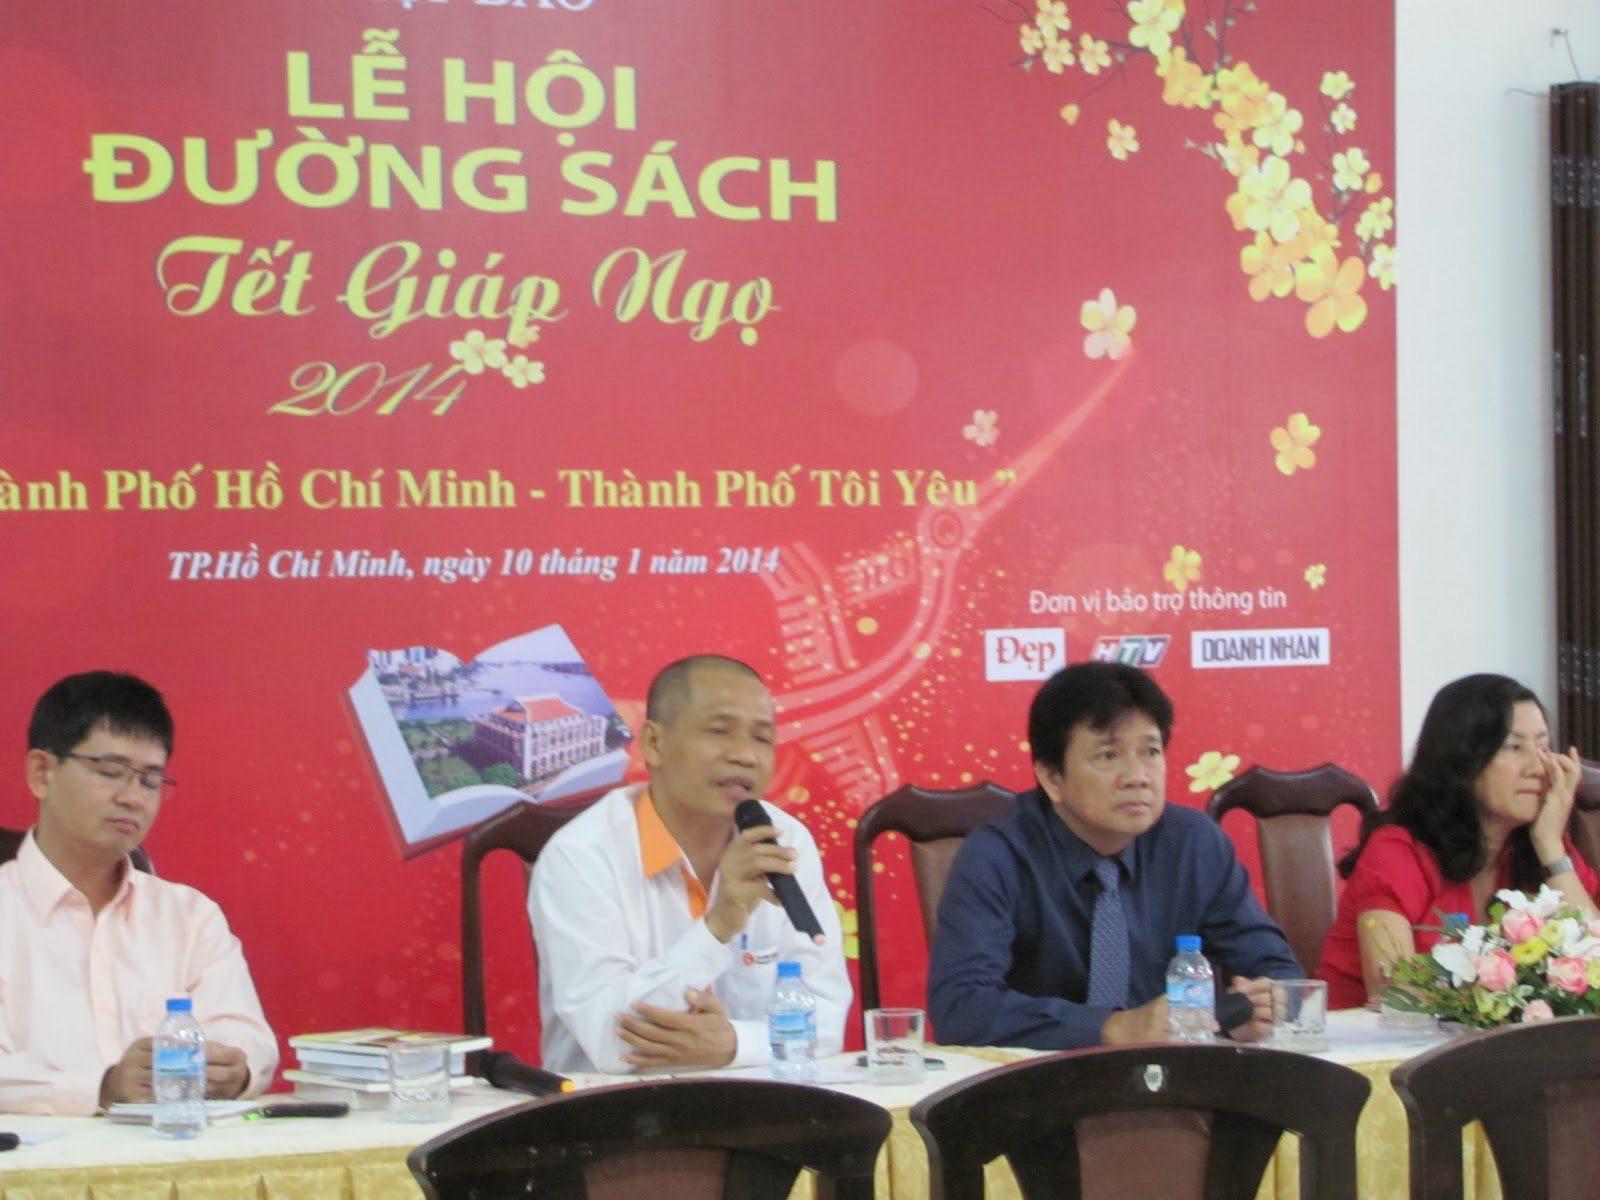 hop-bao-duong-sach-2013